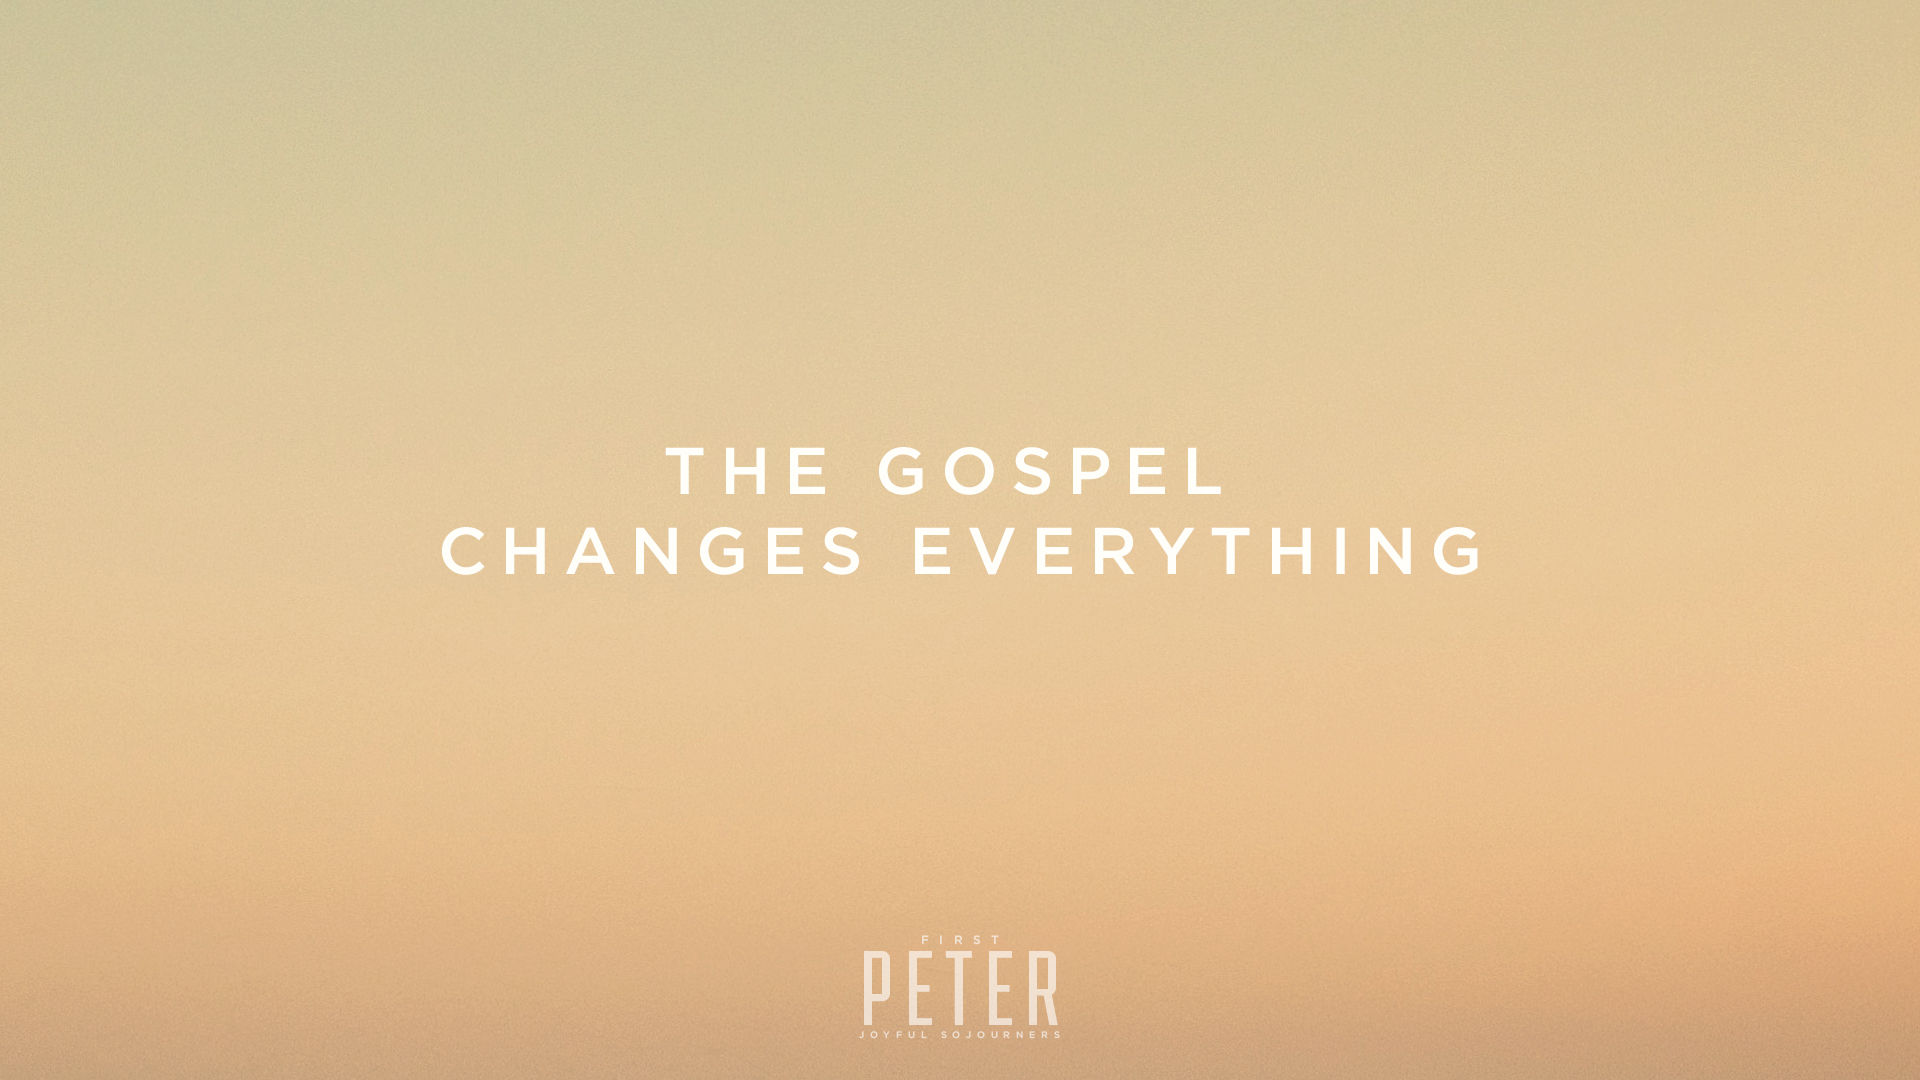 FirstPeter-Blog-Gospel-Changes.jpg